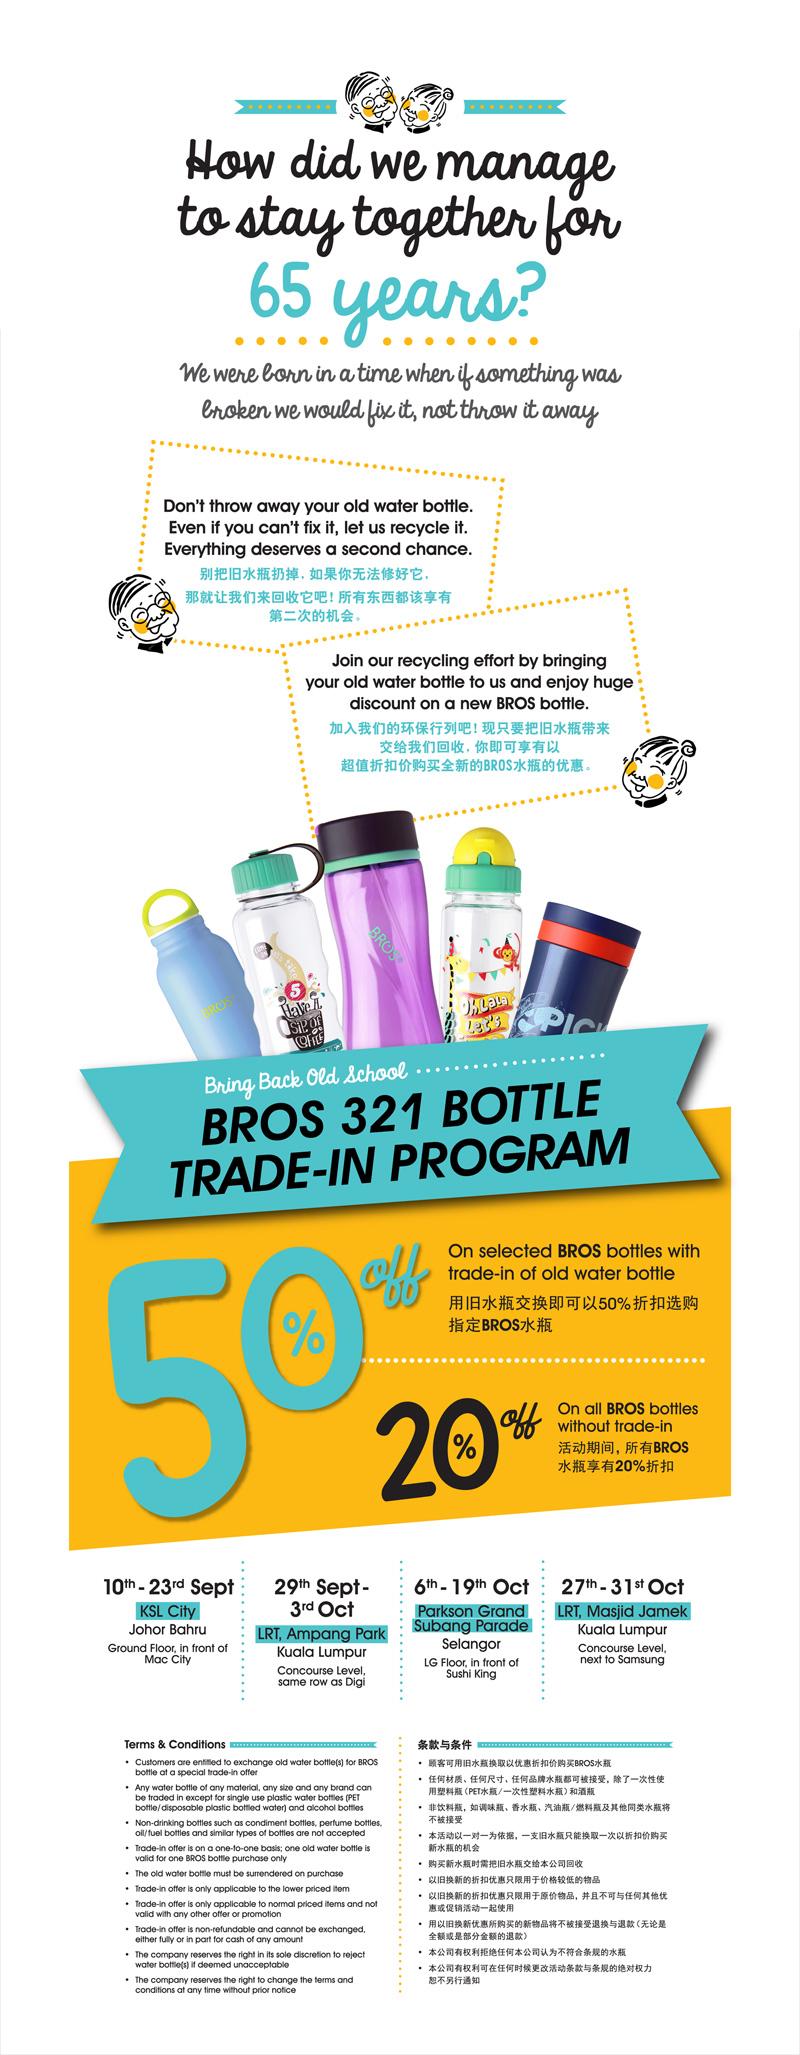 BROS Events- BROS 321 Trade-In Program